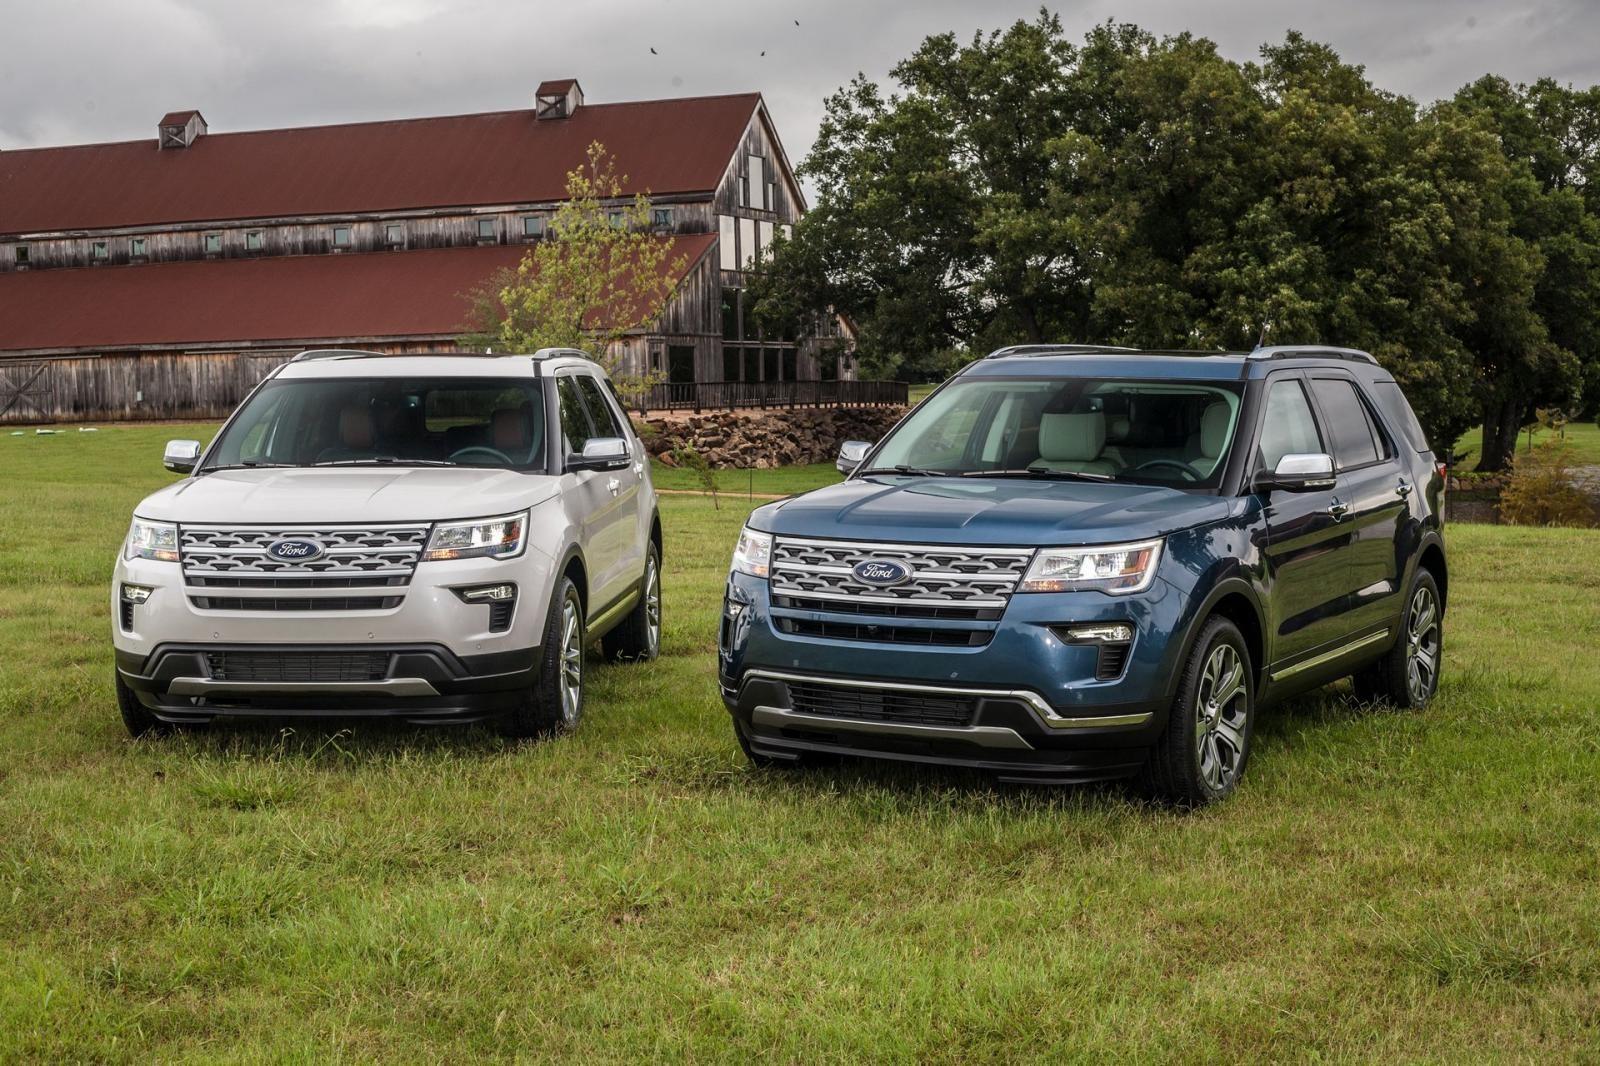 Nếu thực sự bị phát hiện lỗi, hãng Ford sẽ phải thu hồi cả triệu chiếc xe Explorer từ năm 2010-2018 và gặp rắc rối lớn với pháp luật